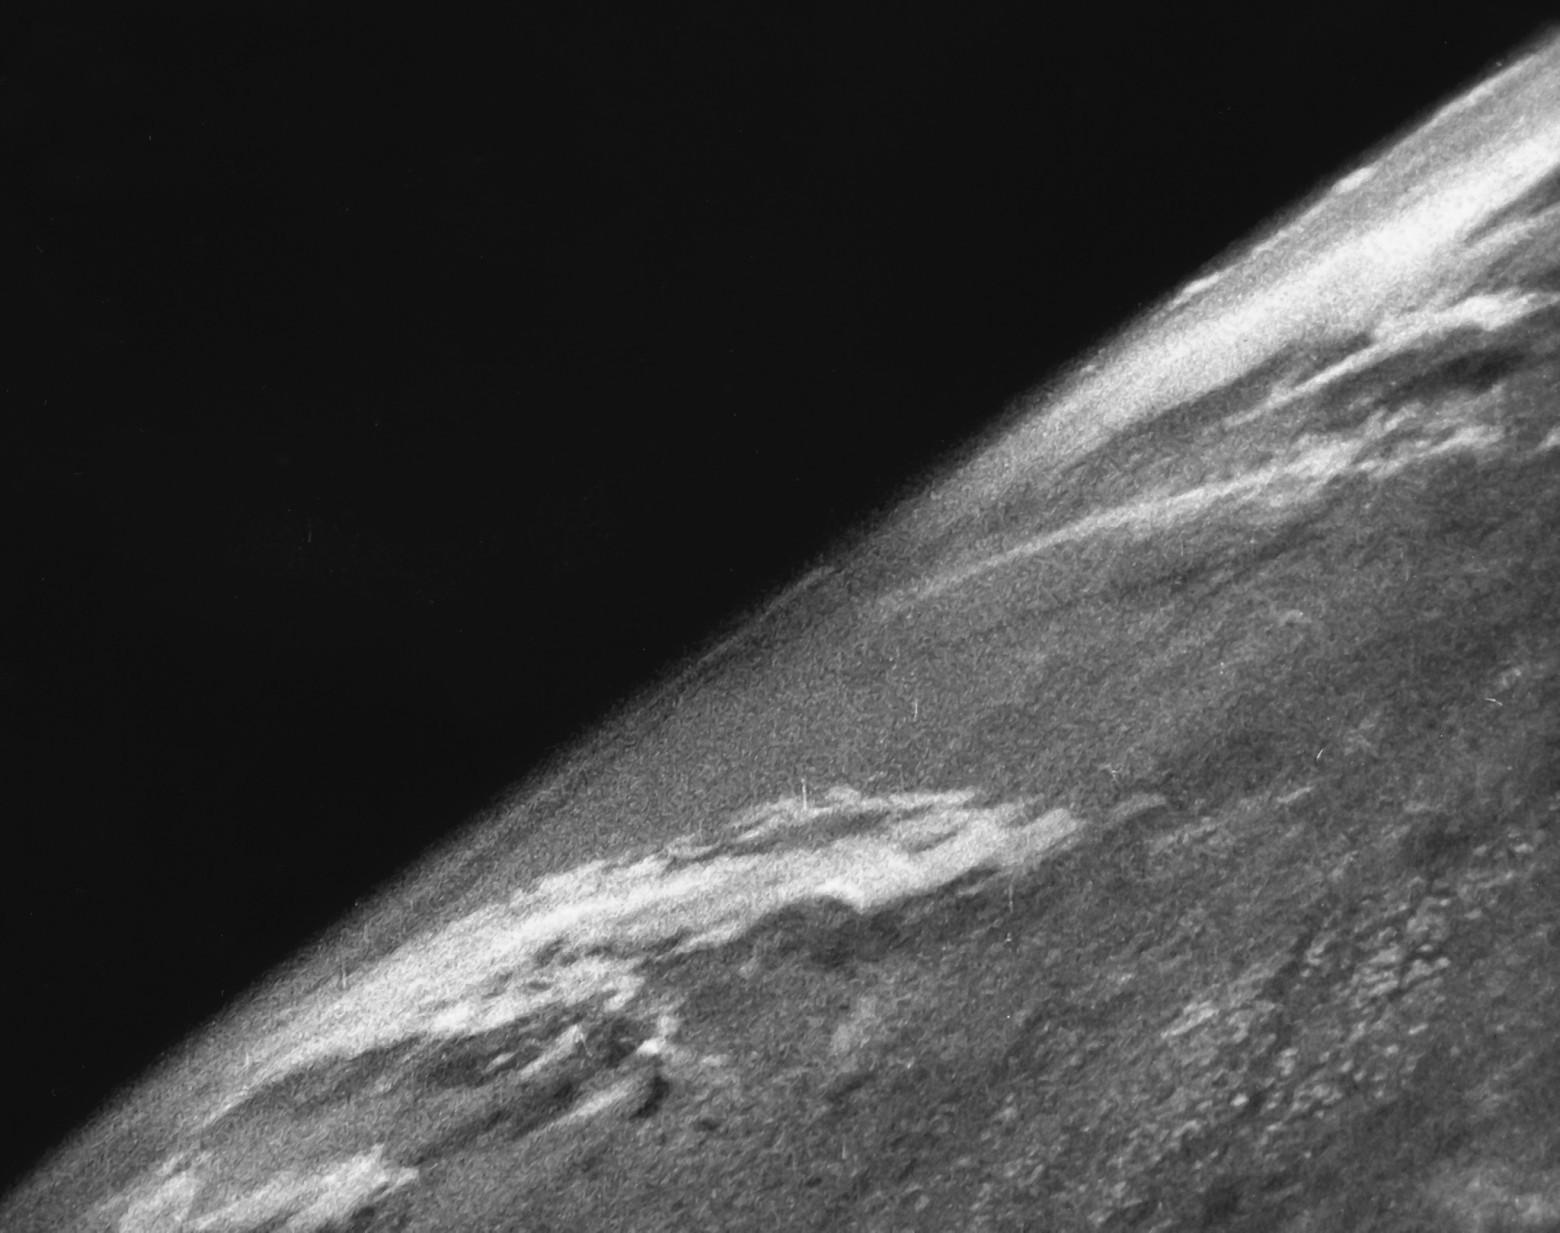 70 лет первой фотографии Земли из космоса - 1